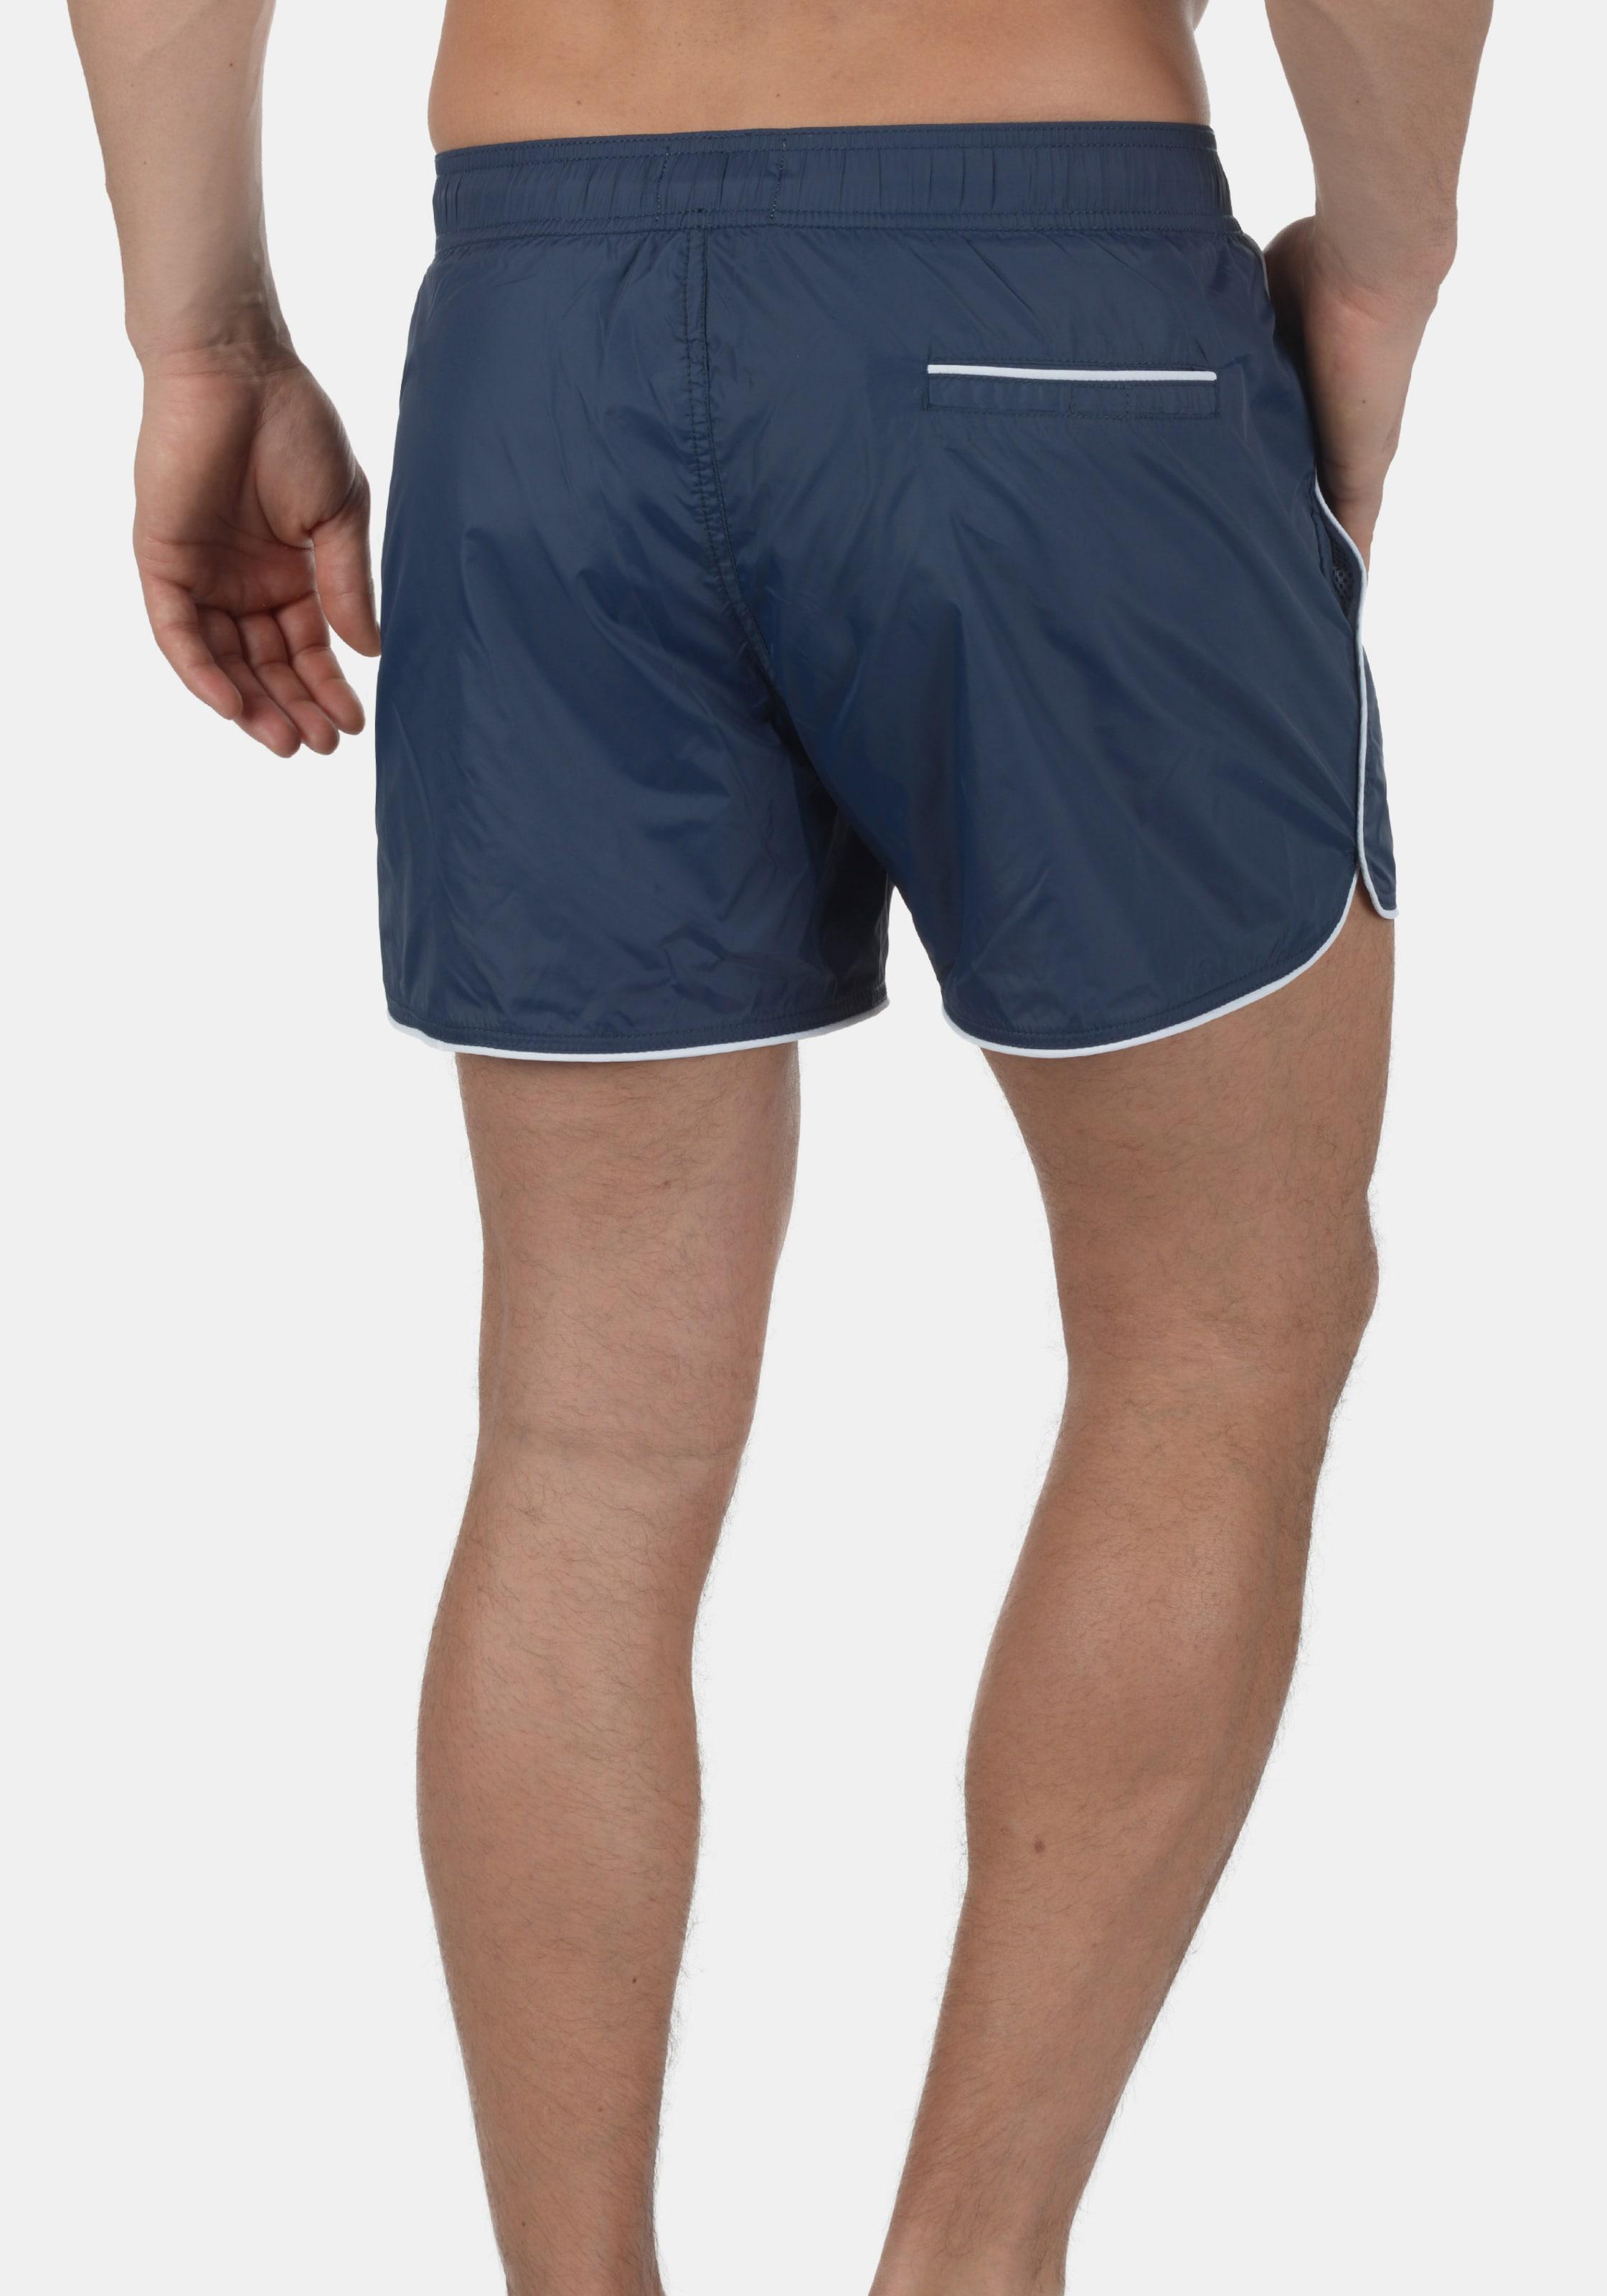 Blau Blau Blend Shorts Blend In Shorts In 'zion' 'zion' exoCdBr